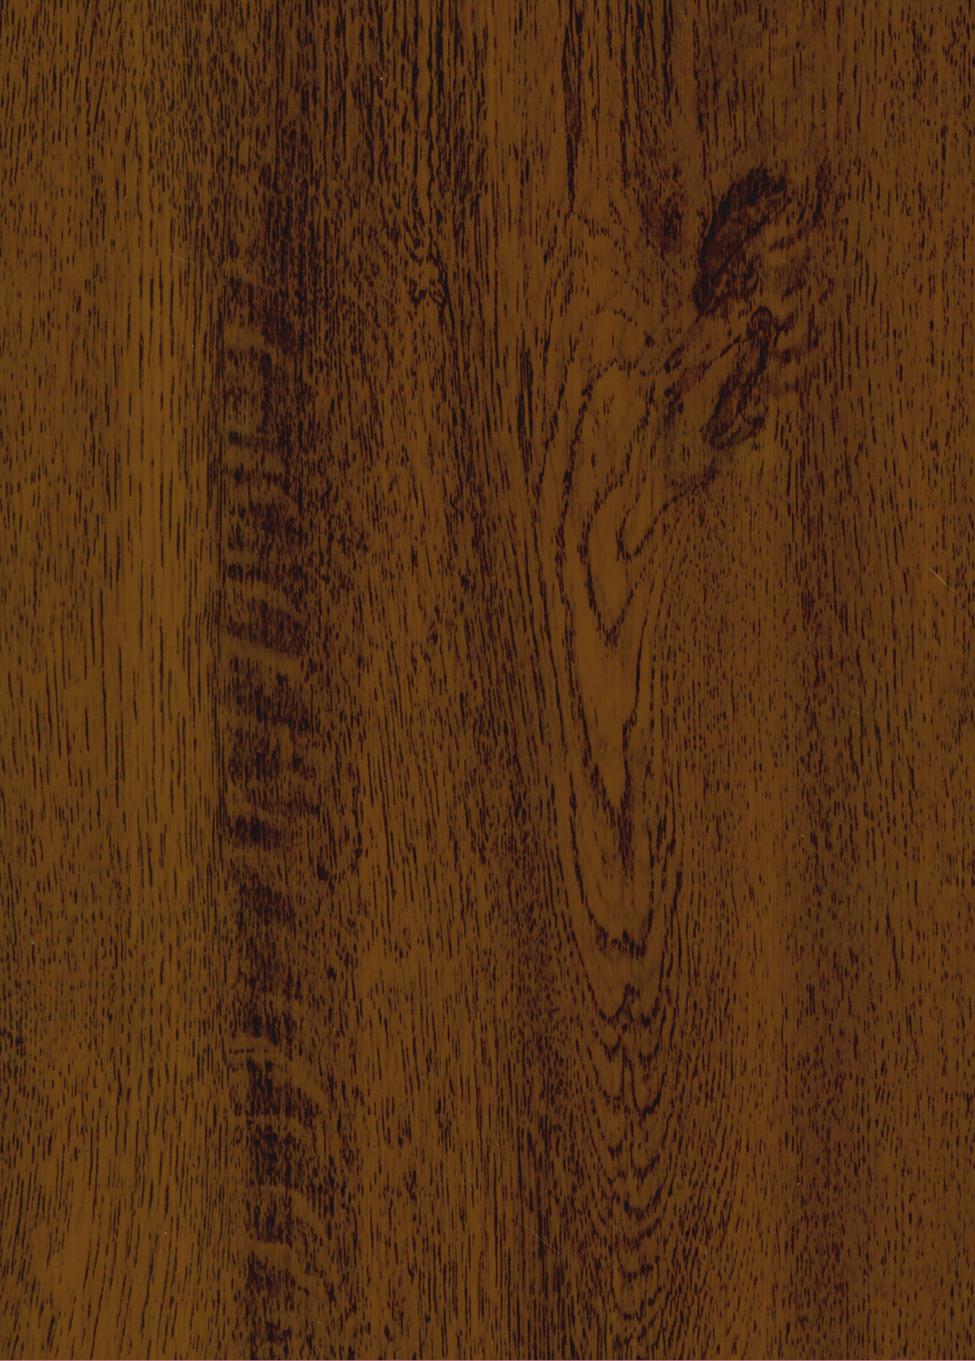 colofer® vario new golden oak